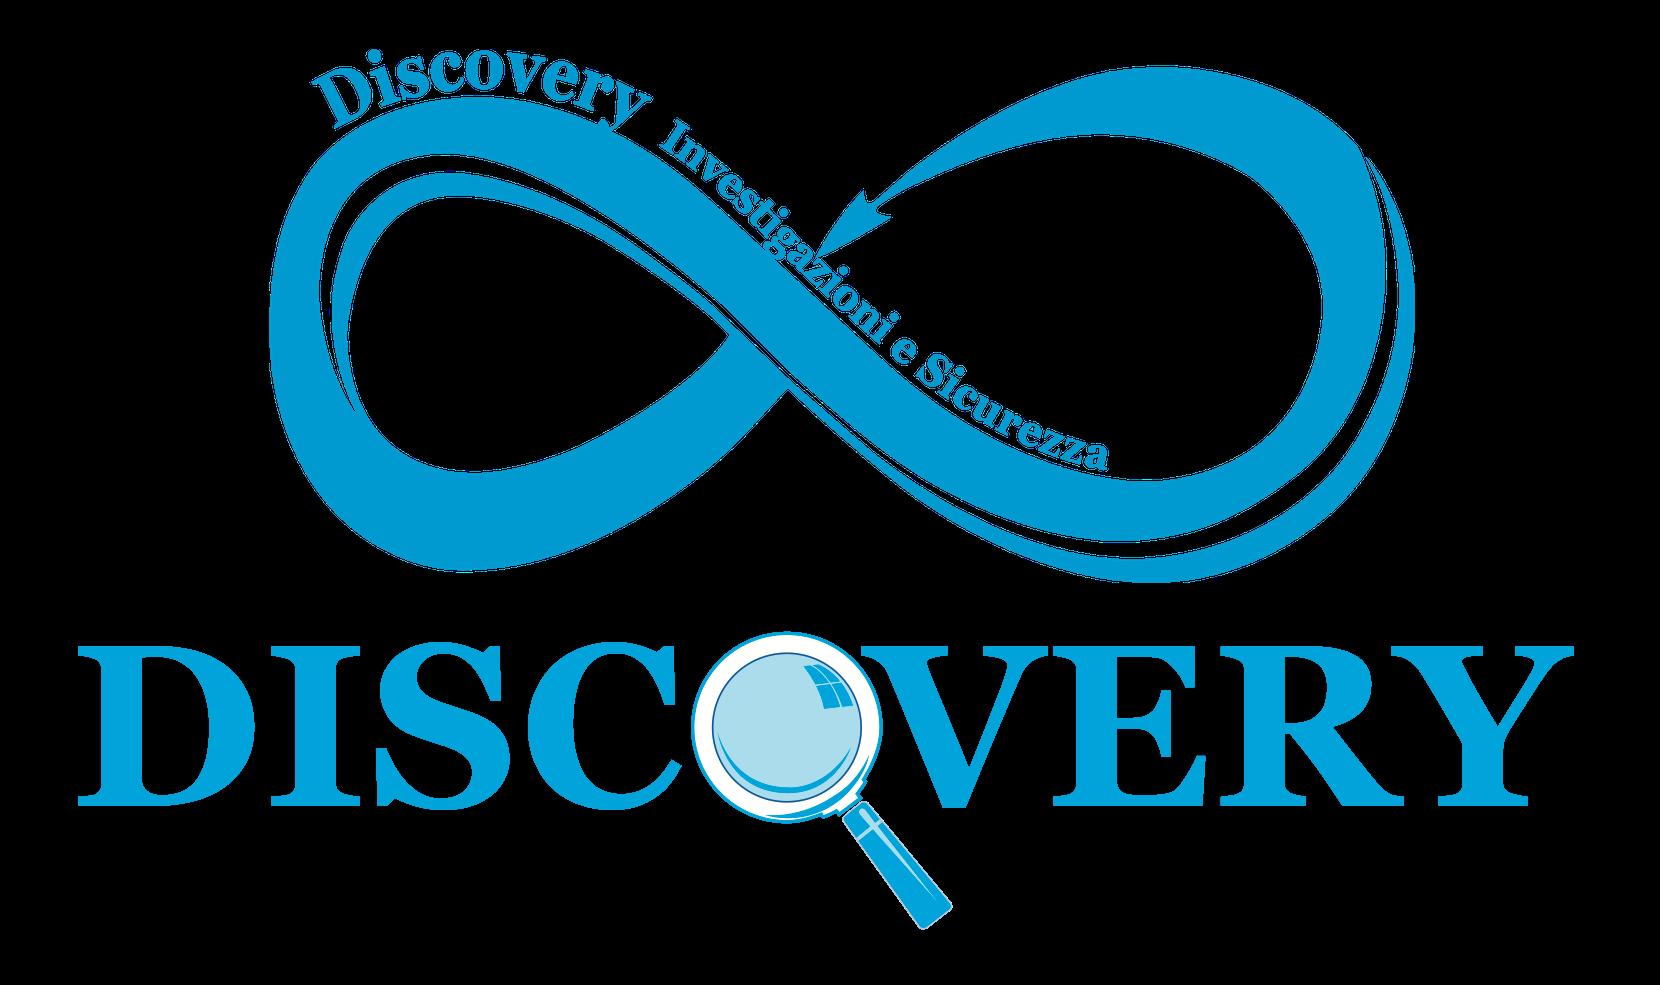 Investigazioni Discovery